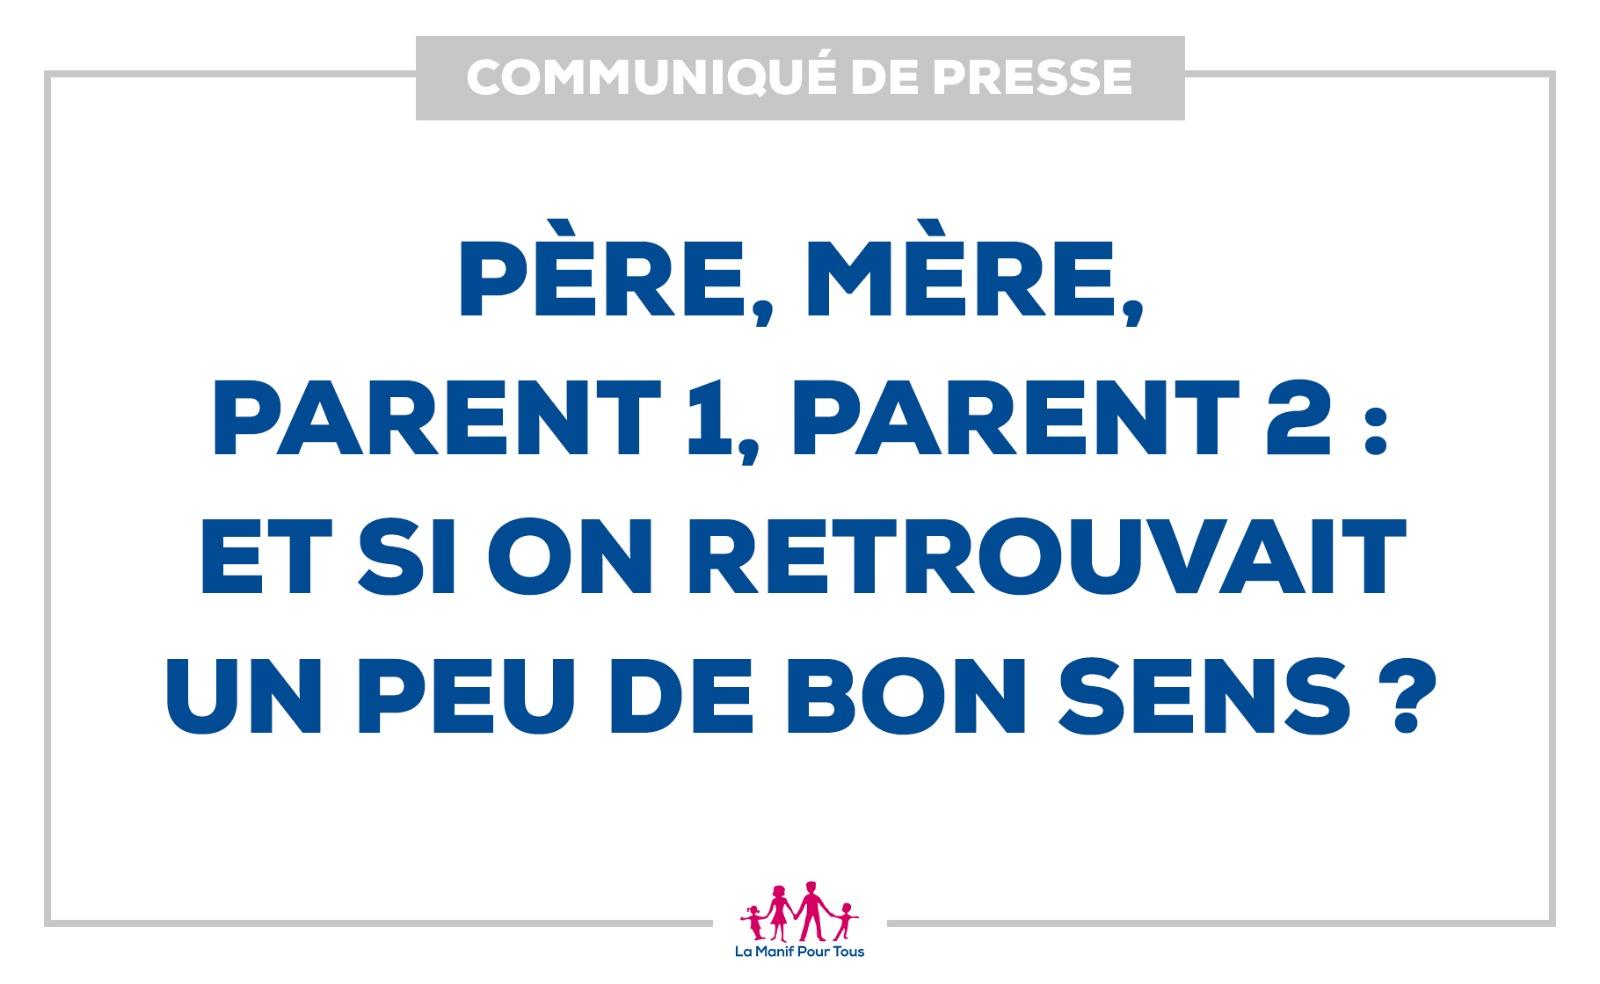 Image - Communiqué – Père, Mère, Parent 1, Parent 2 : et si on retrouvait un peu de bon sens ?